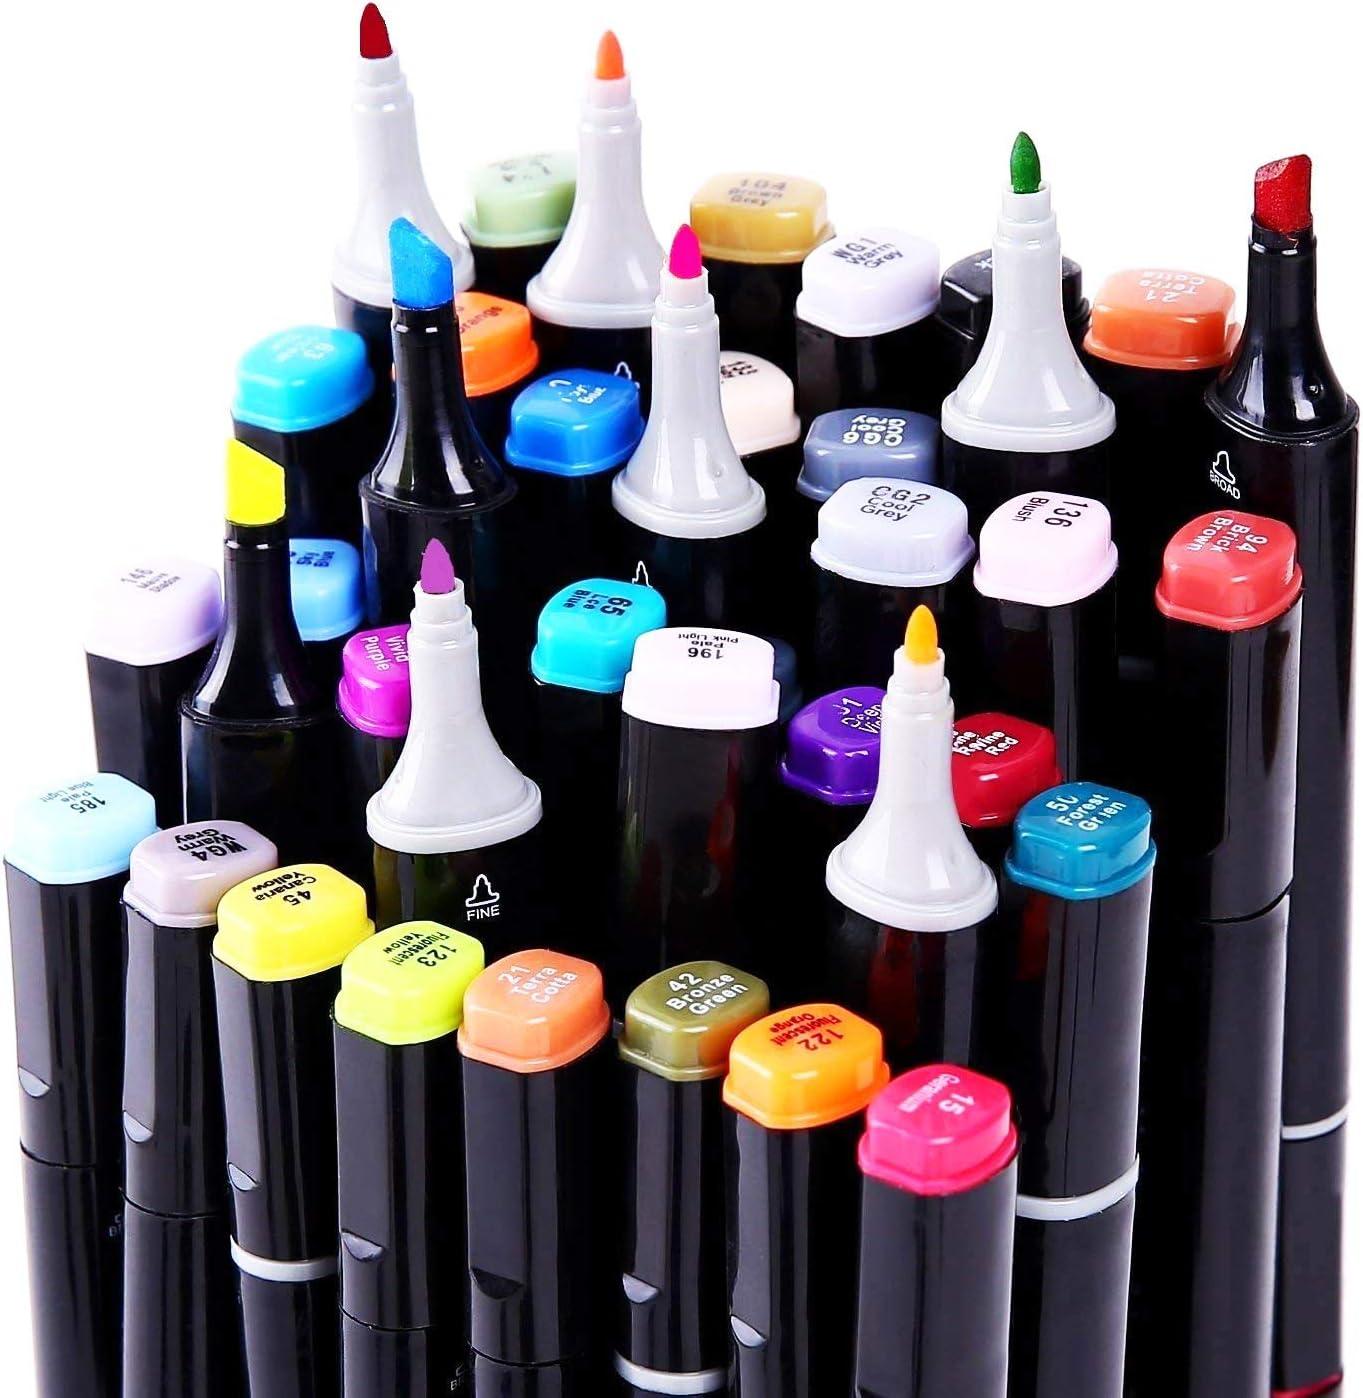 AMAZLA marqueurs permanents,Marker Lot de 80 marqueurs /à feutre alcool double pointe Animation Art Esquisse